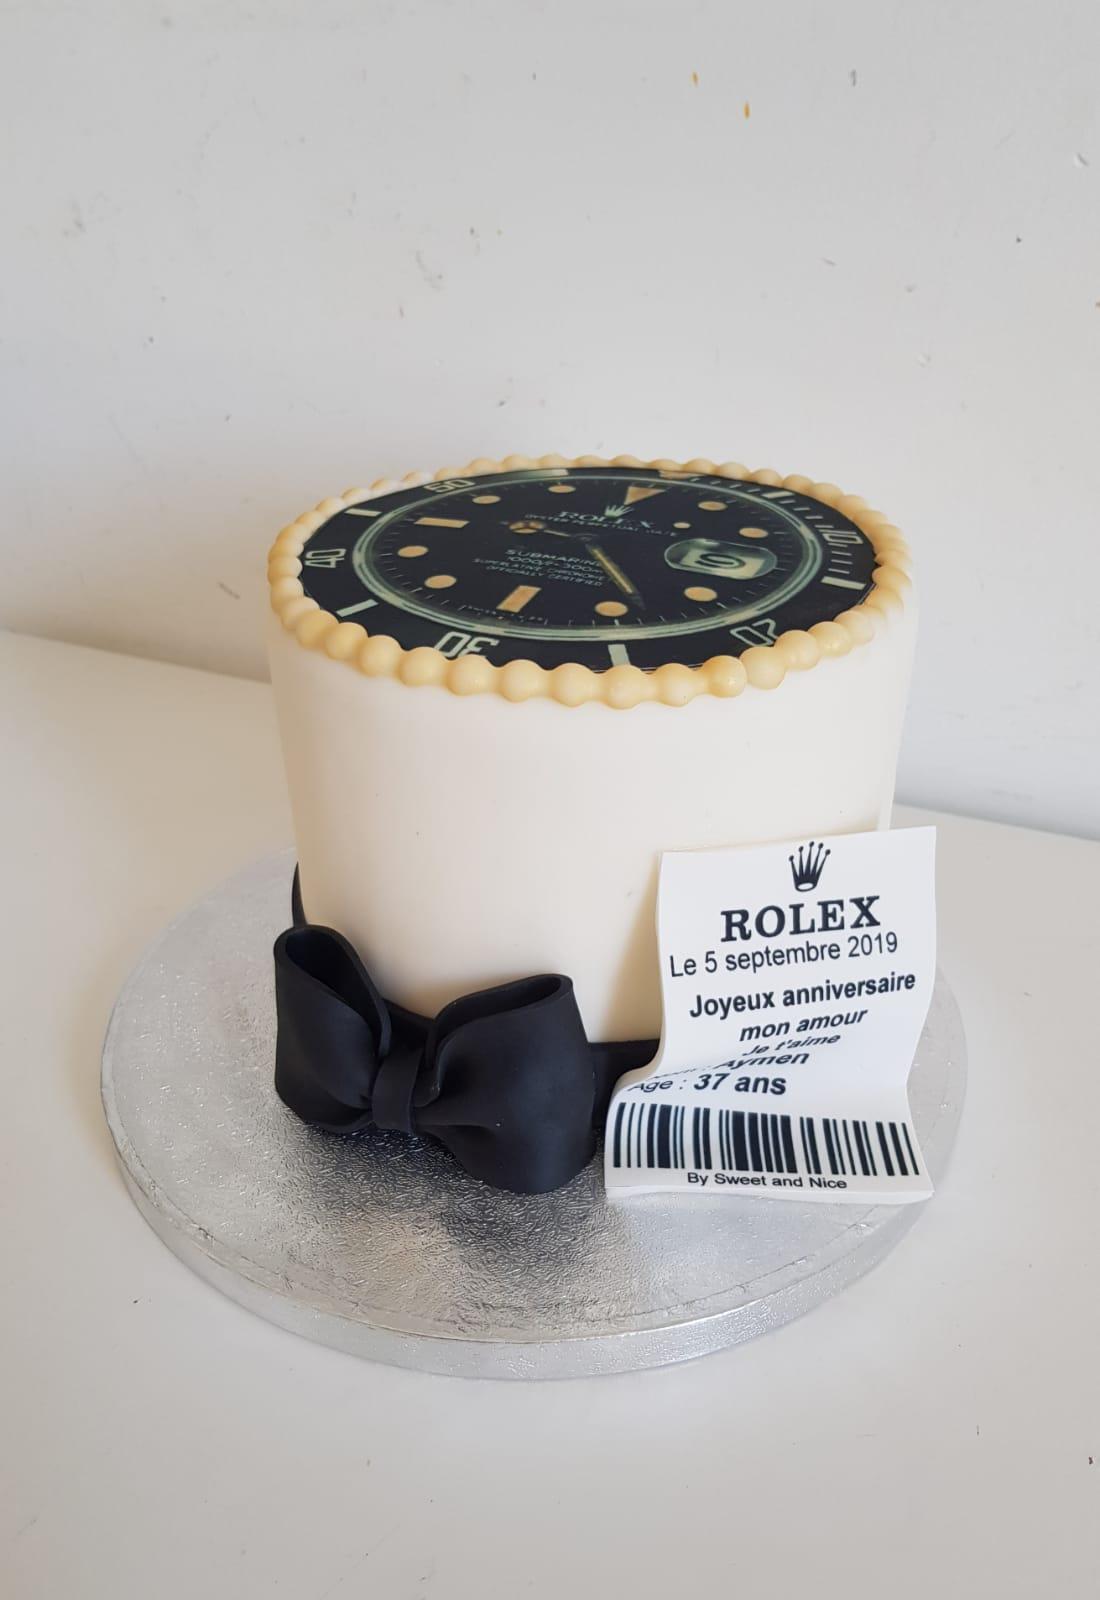 Gâteau en forme de montre Rolex design